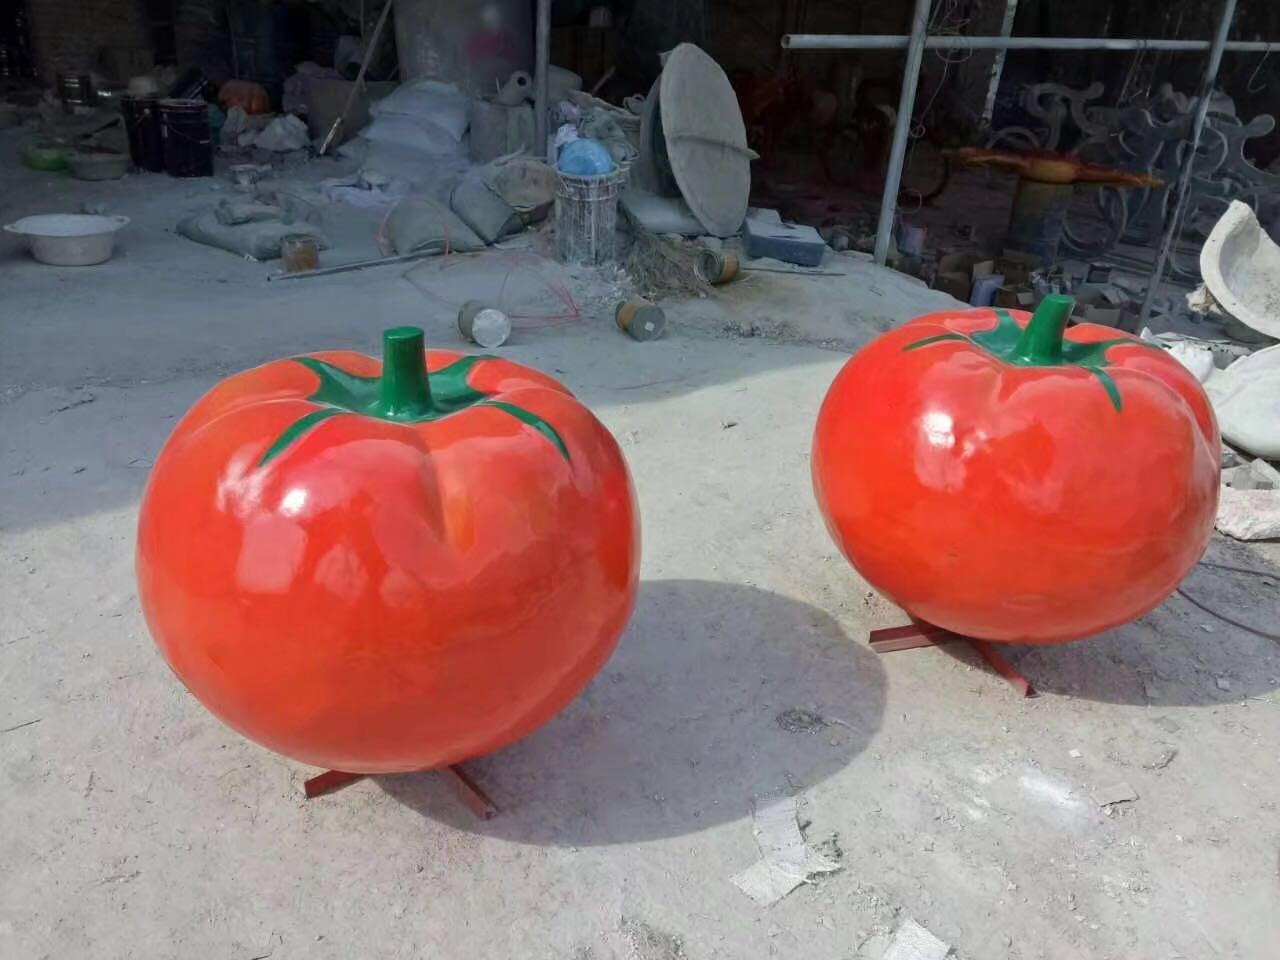 超越雕塑_水果雕塑设计新颖-玻璃钢仿真蔬菜雕塑